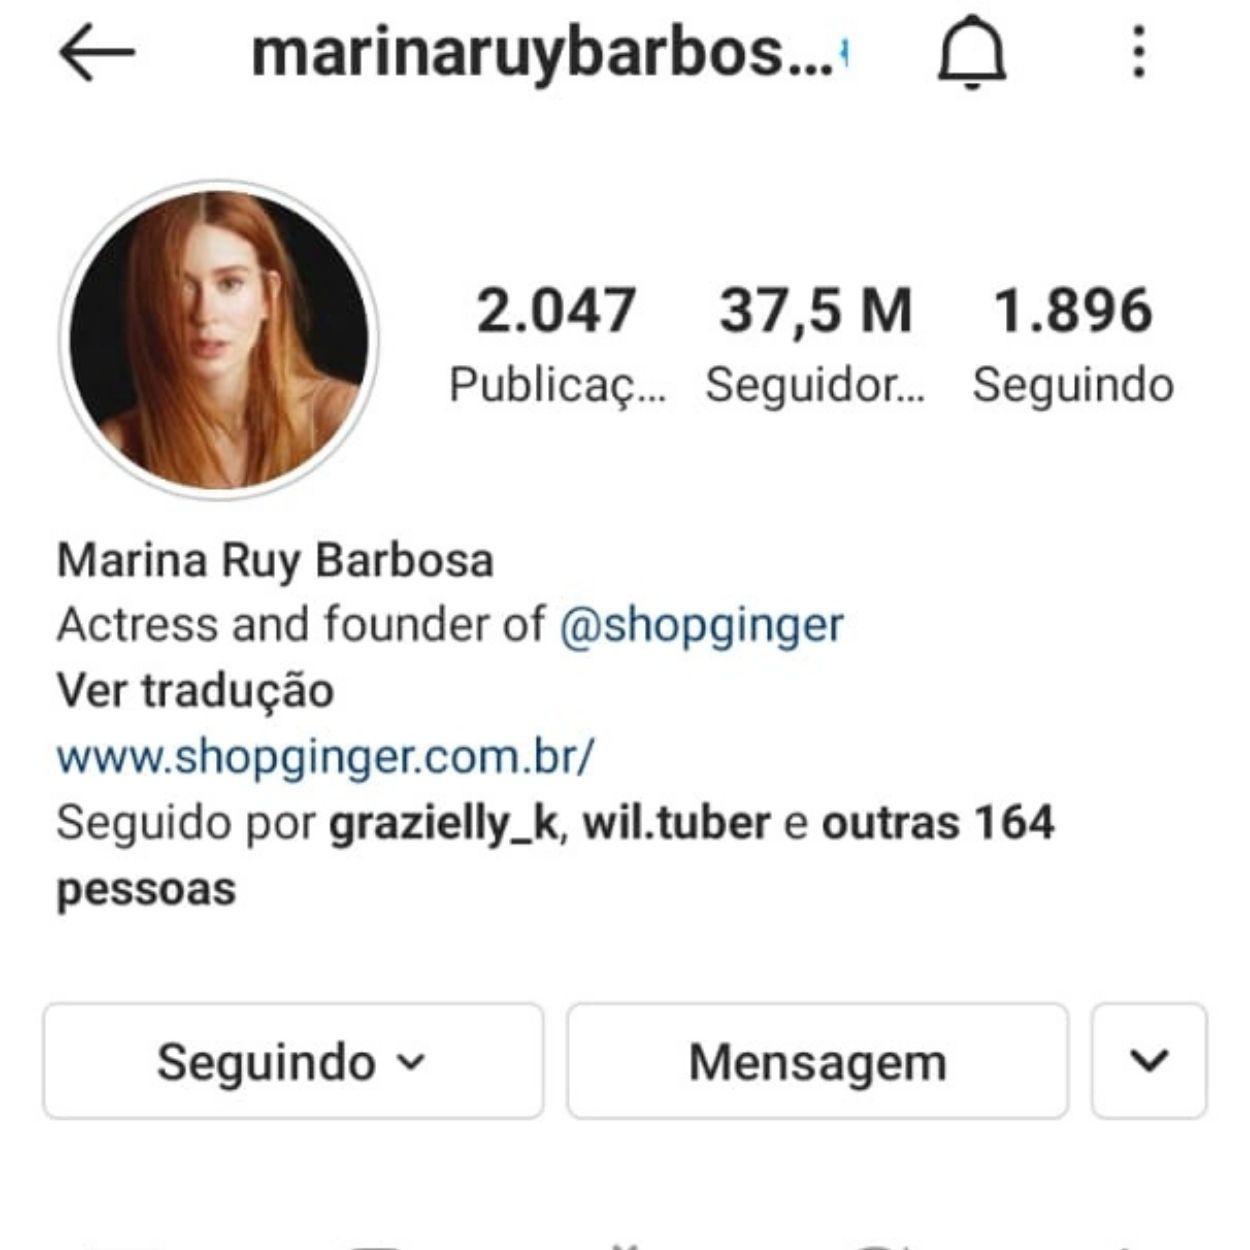 Brasileiros mais seguidos no Instagram Marina